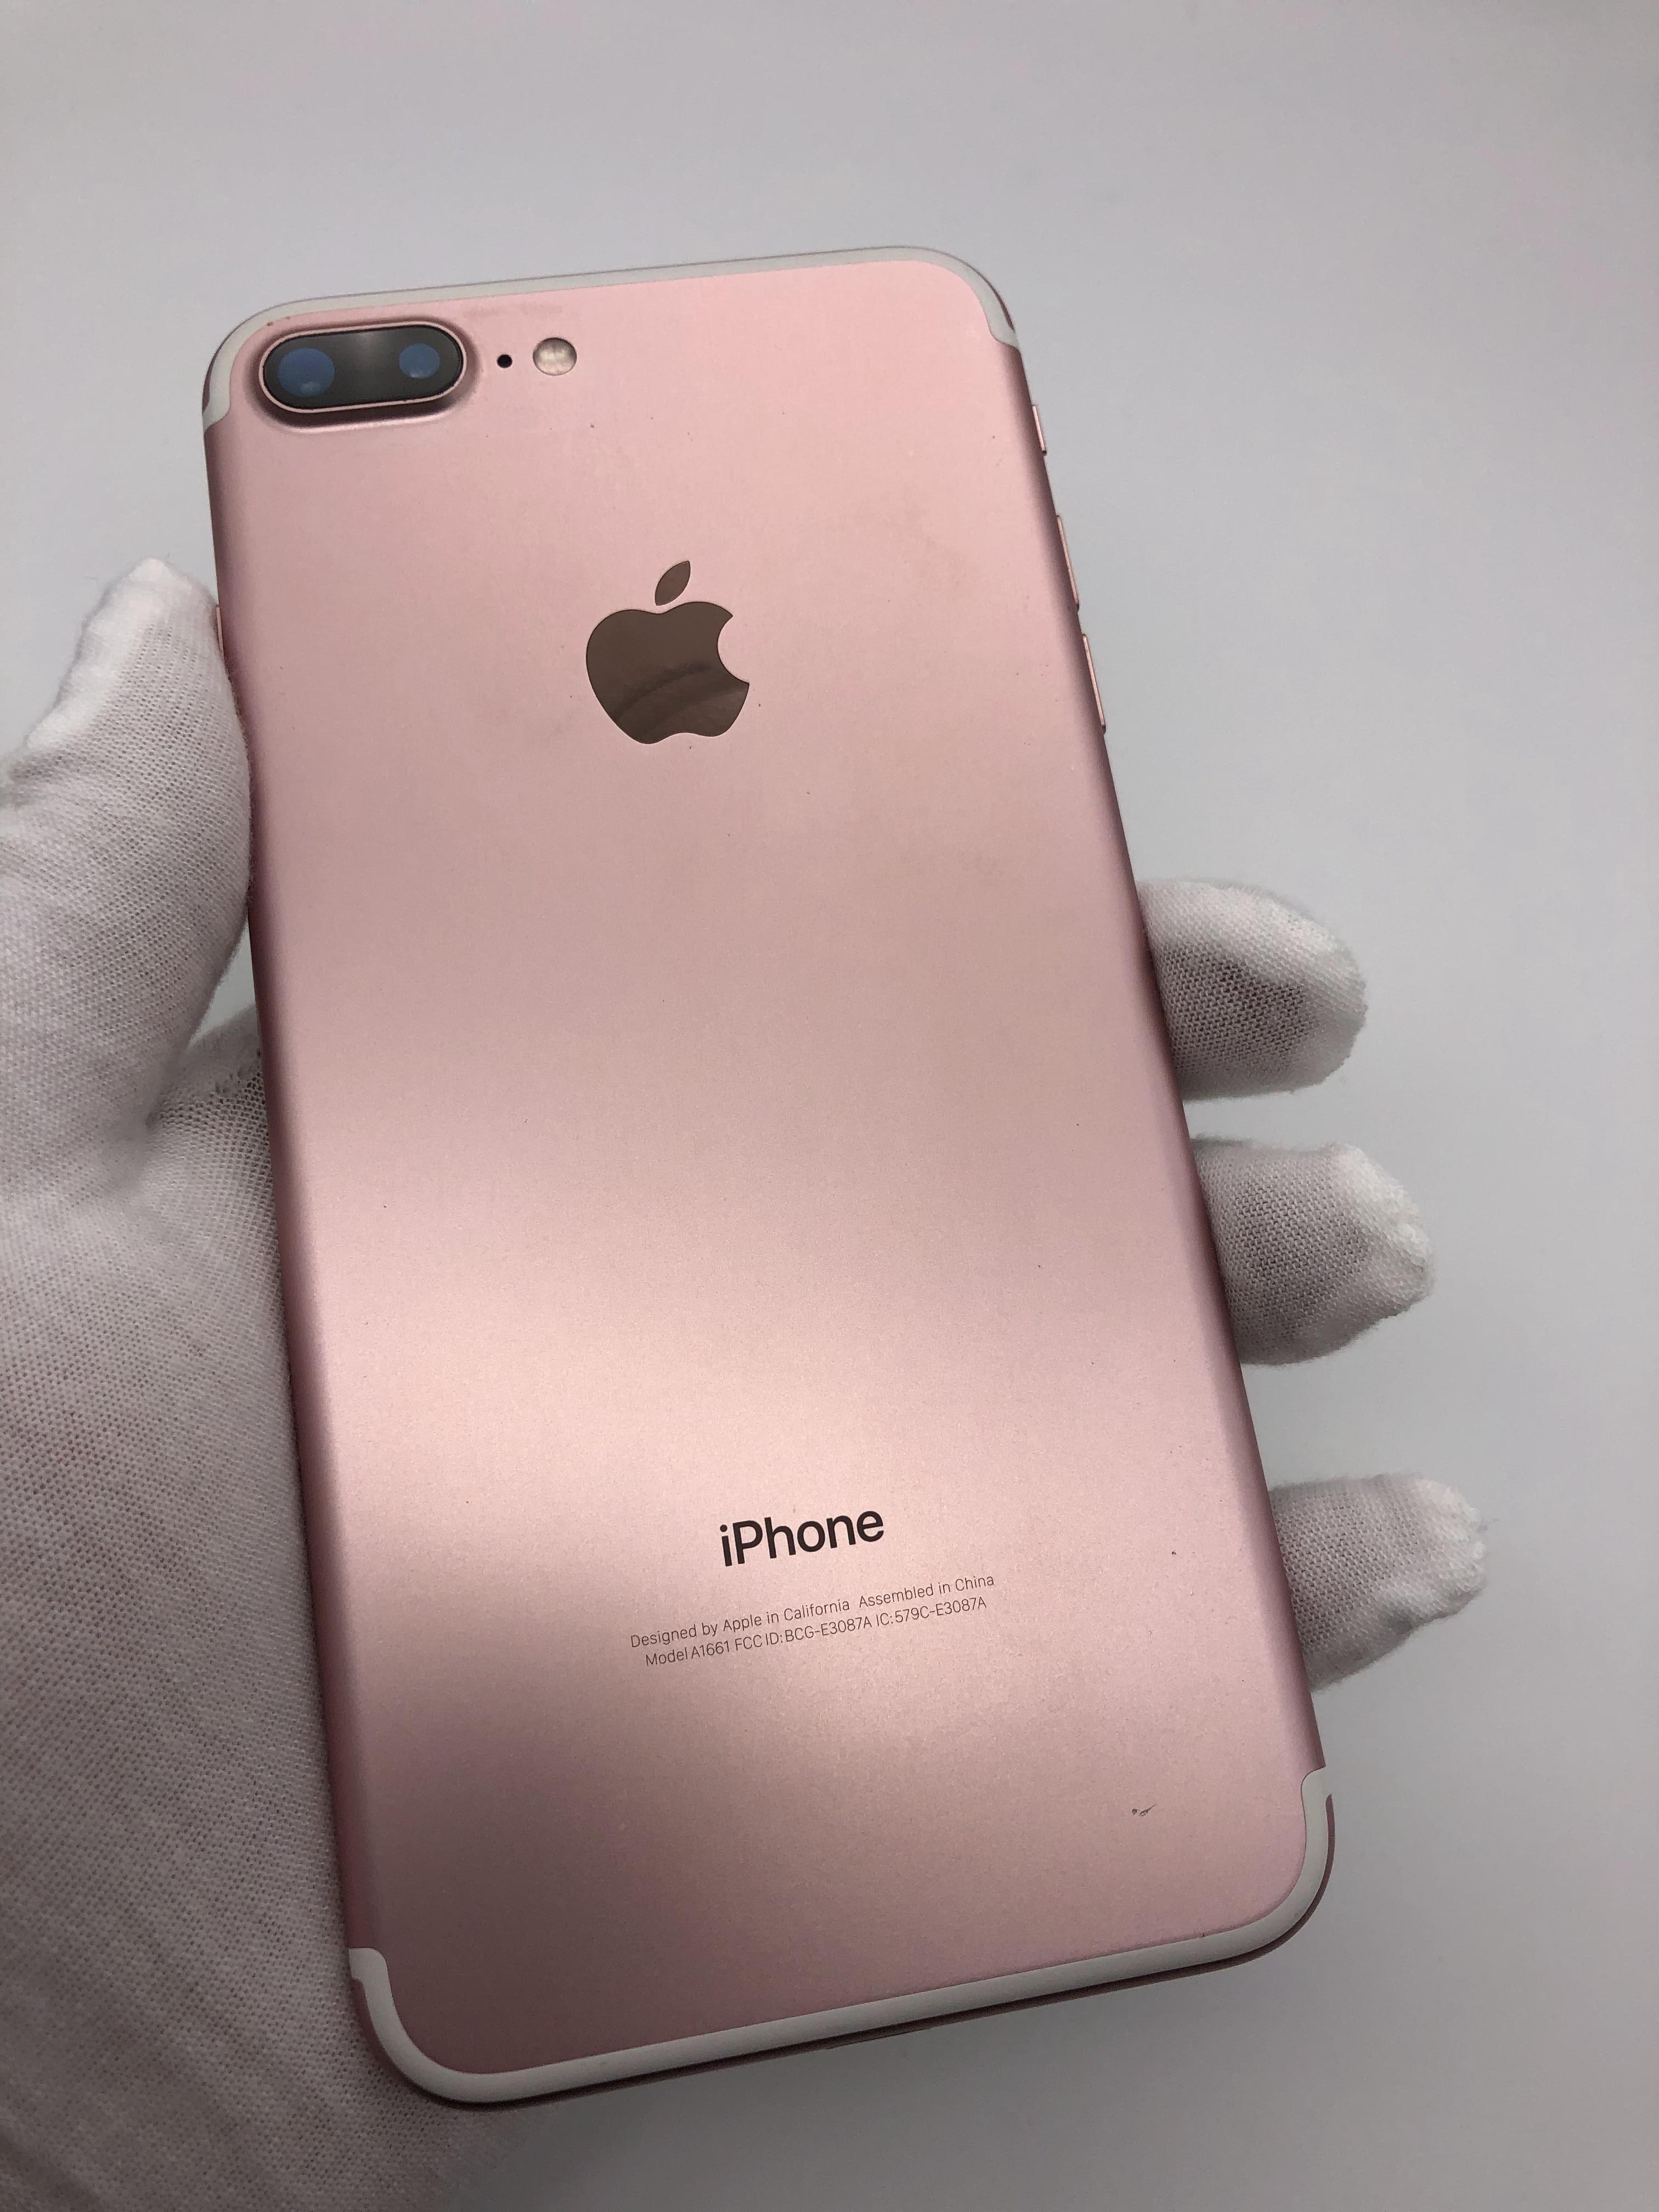 Used Iphone 7 Plus 128gb Unlocked Iphone Iphone 7 Plus Refurbished Iphones